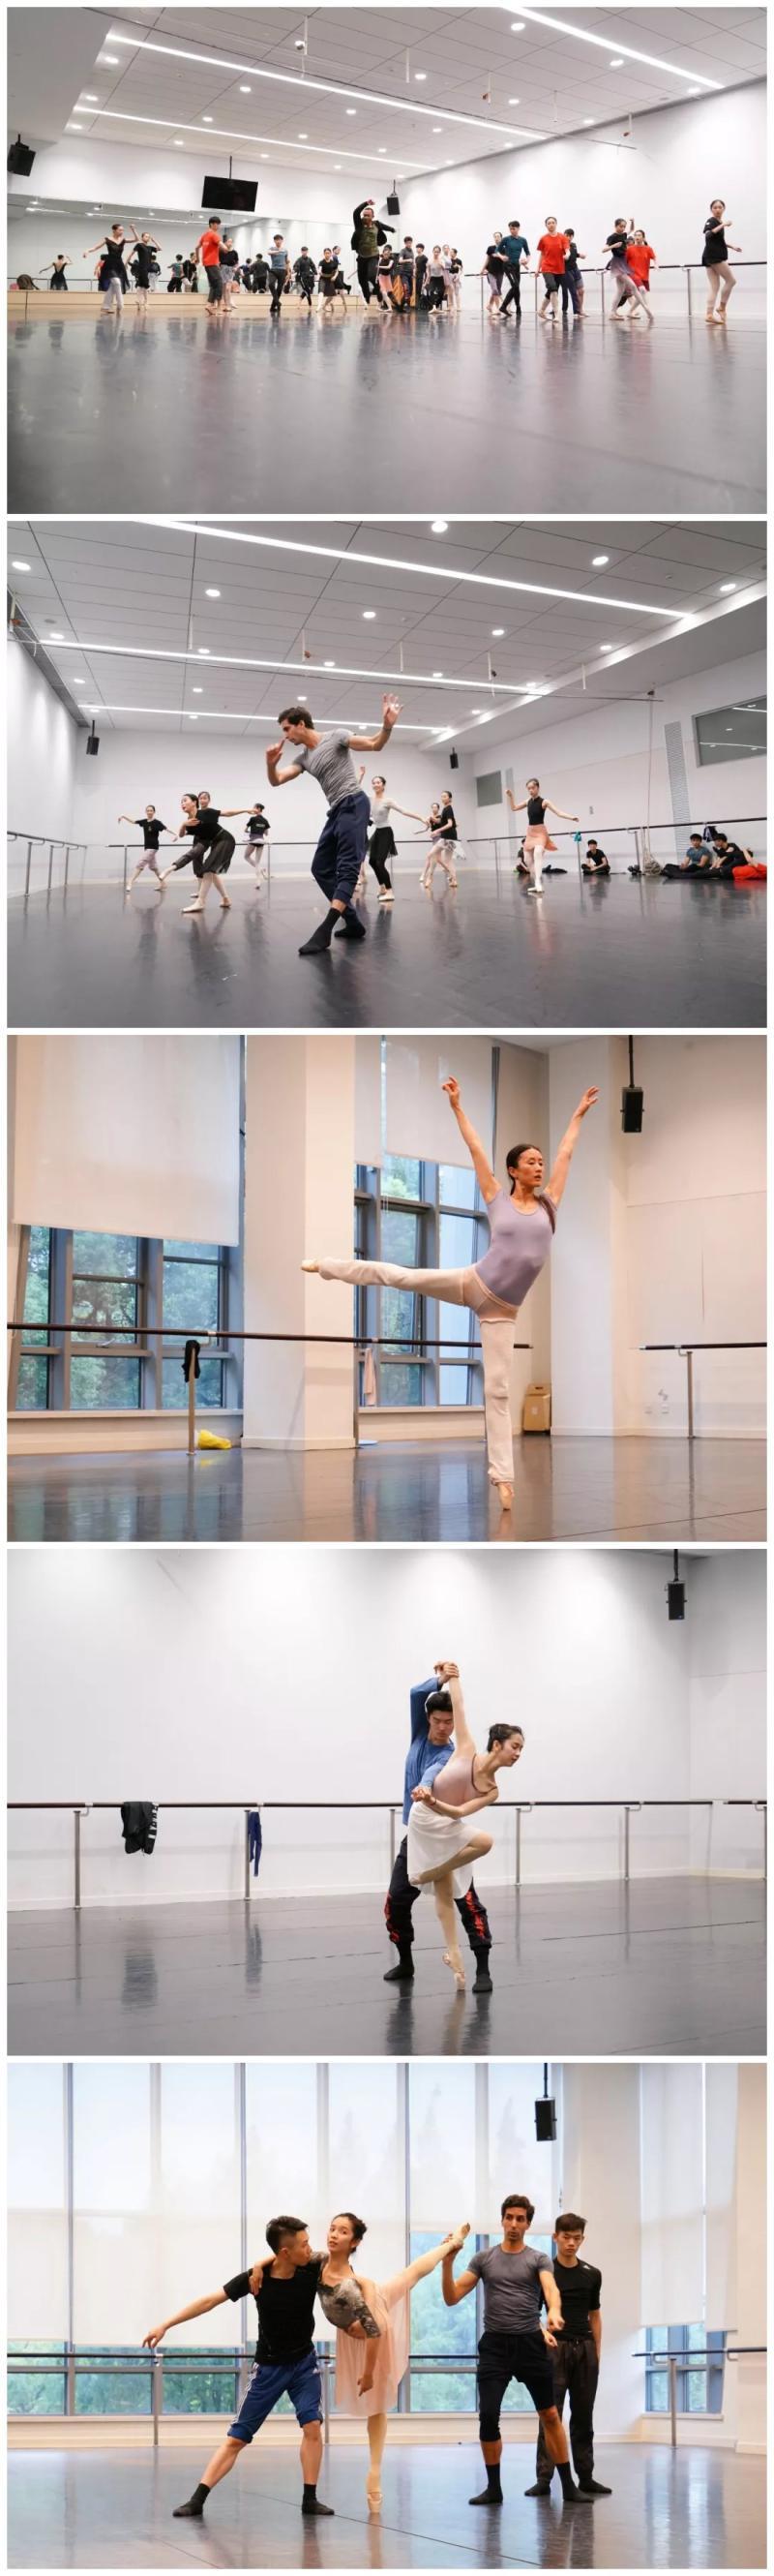 无人知晓的思绪,记录记忆的影子,被两国艺术家变成足尖上的舞蹈